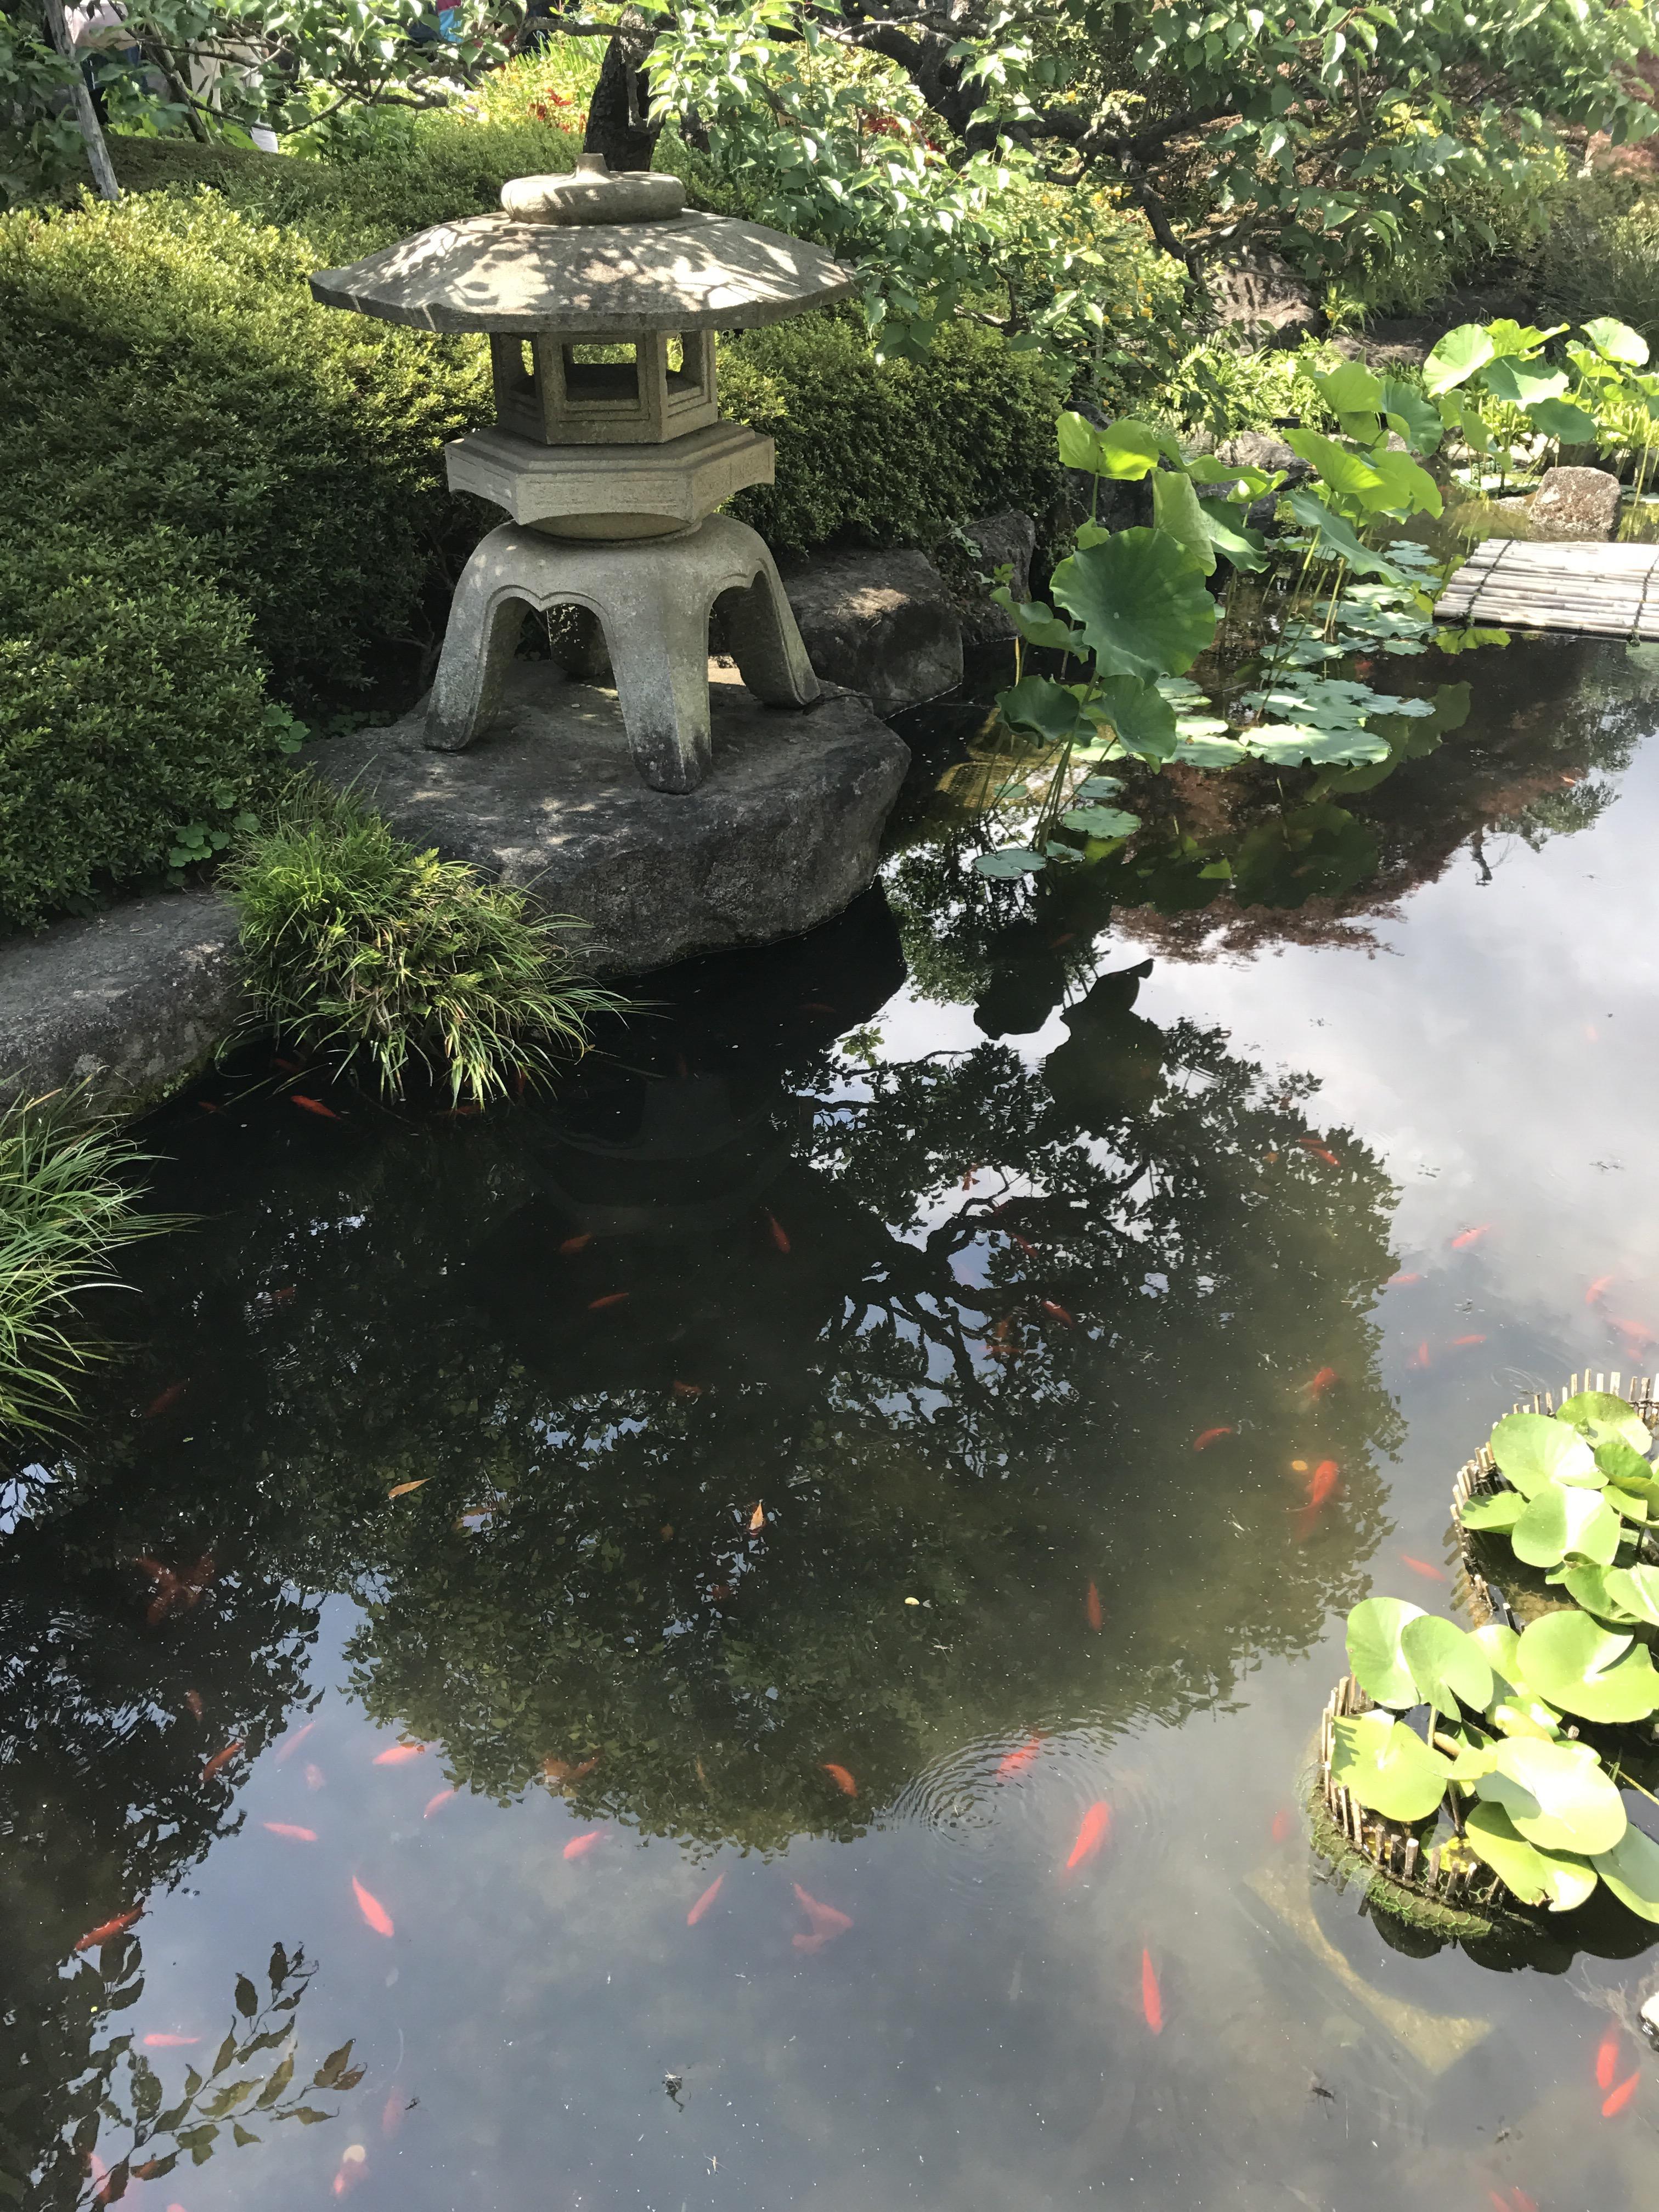 Something fucking fish pond